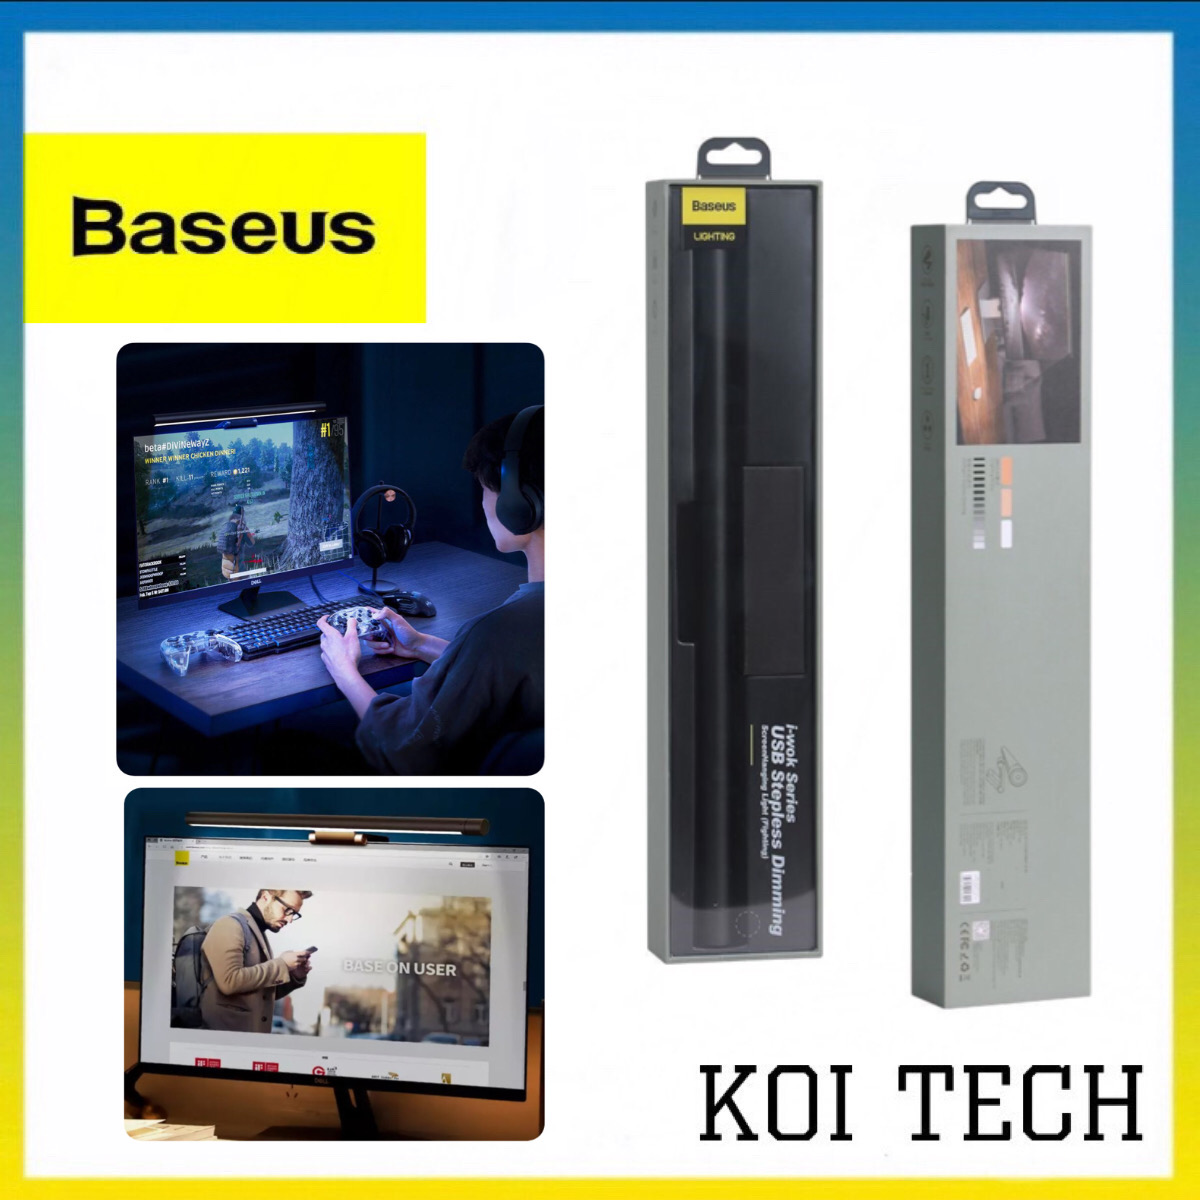 Baseus Led Đèn treo 3 chế độ ánh sáng có thể điều chỉnh - Đèn đọc sách baseus treo màn hình máy tính - đèn tiết kiệm điện bảo vệ mắt cổng micro usb cho văn phòng bàn học và làm việc